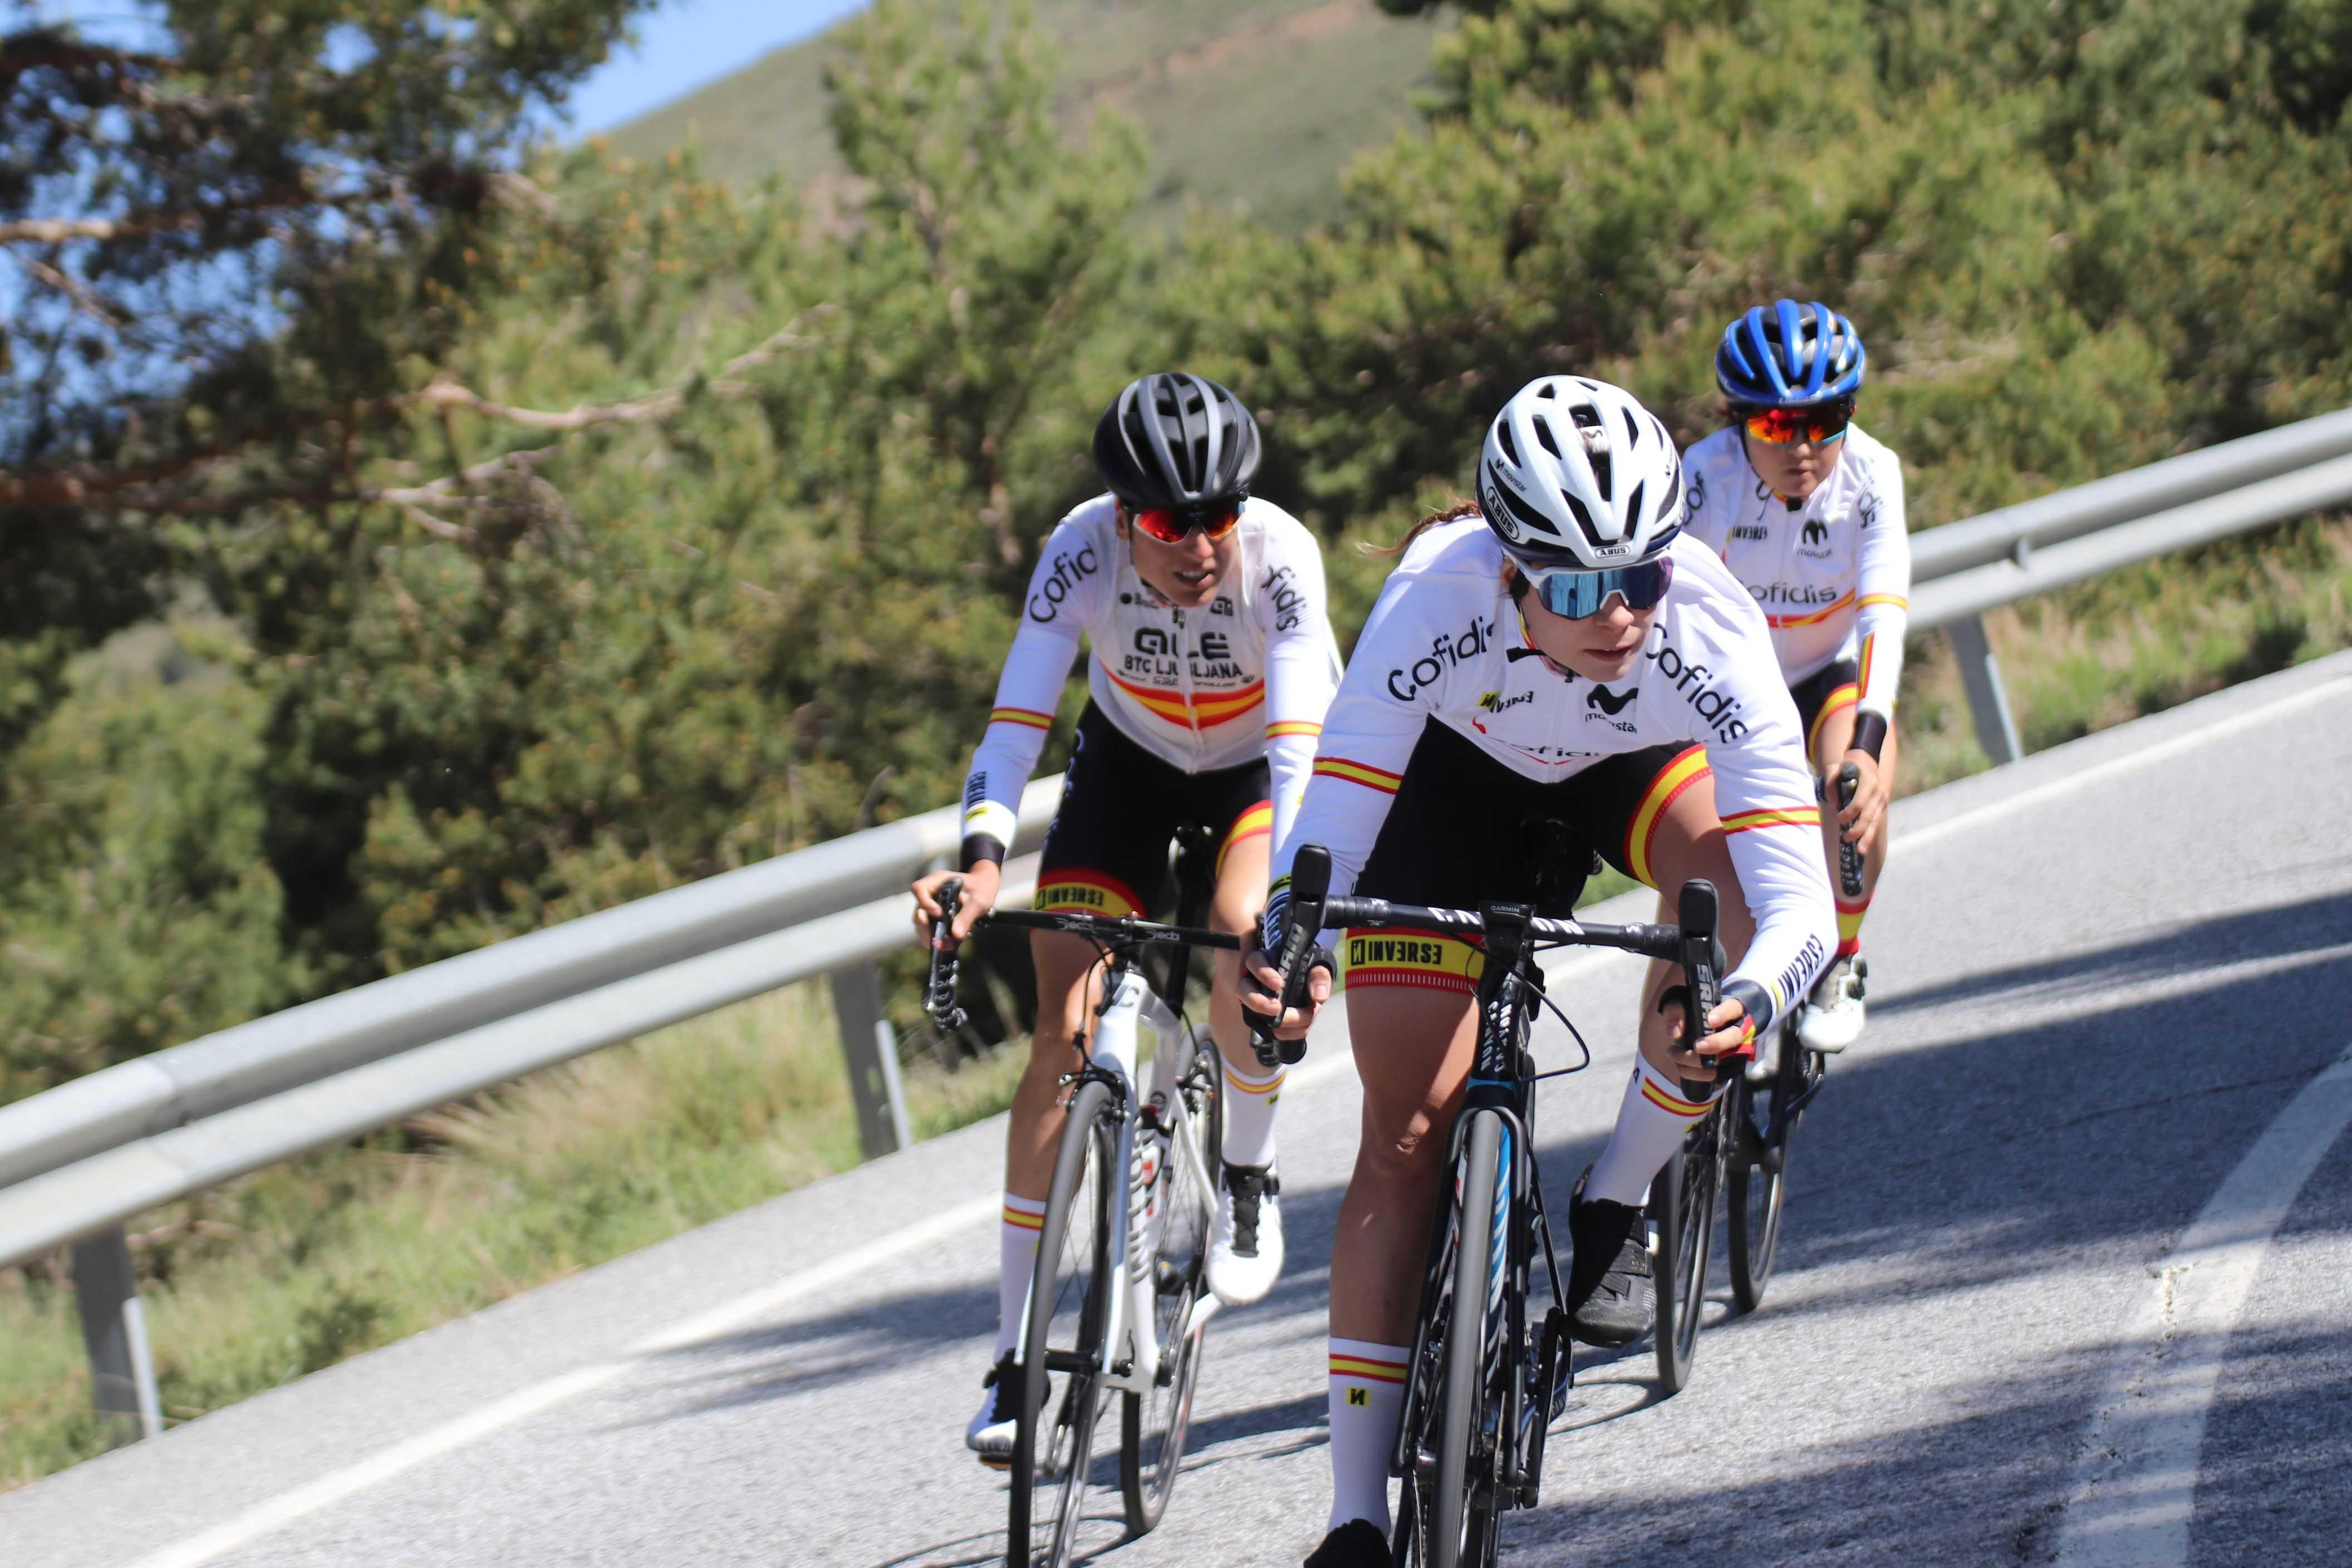 #TeamESPciclismo - Concentración en Sierra Nevada preparatoria para Tokio 2020 - Féminas Carretera